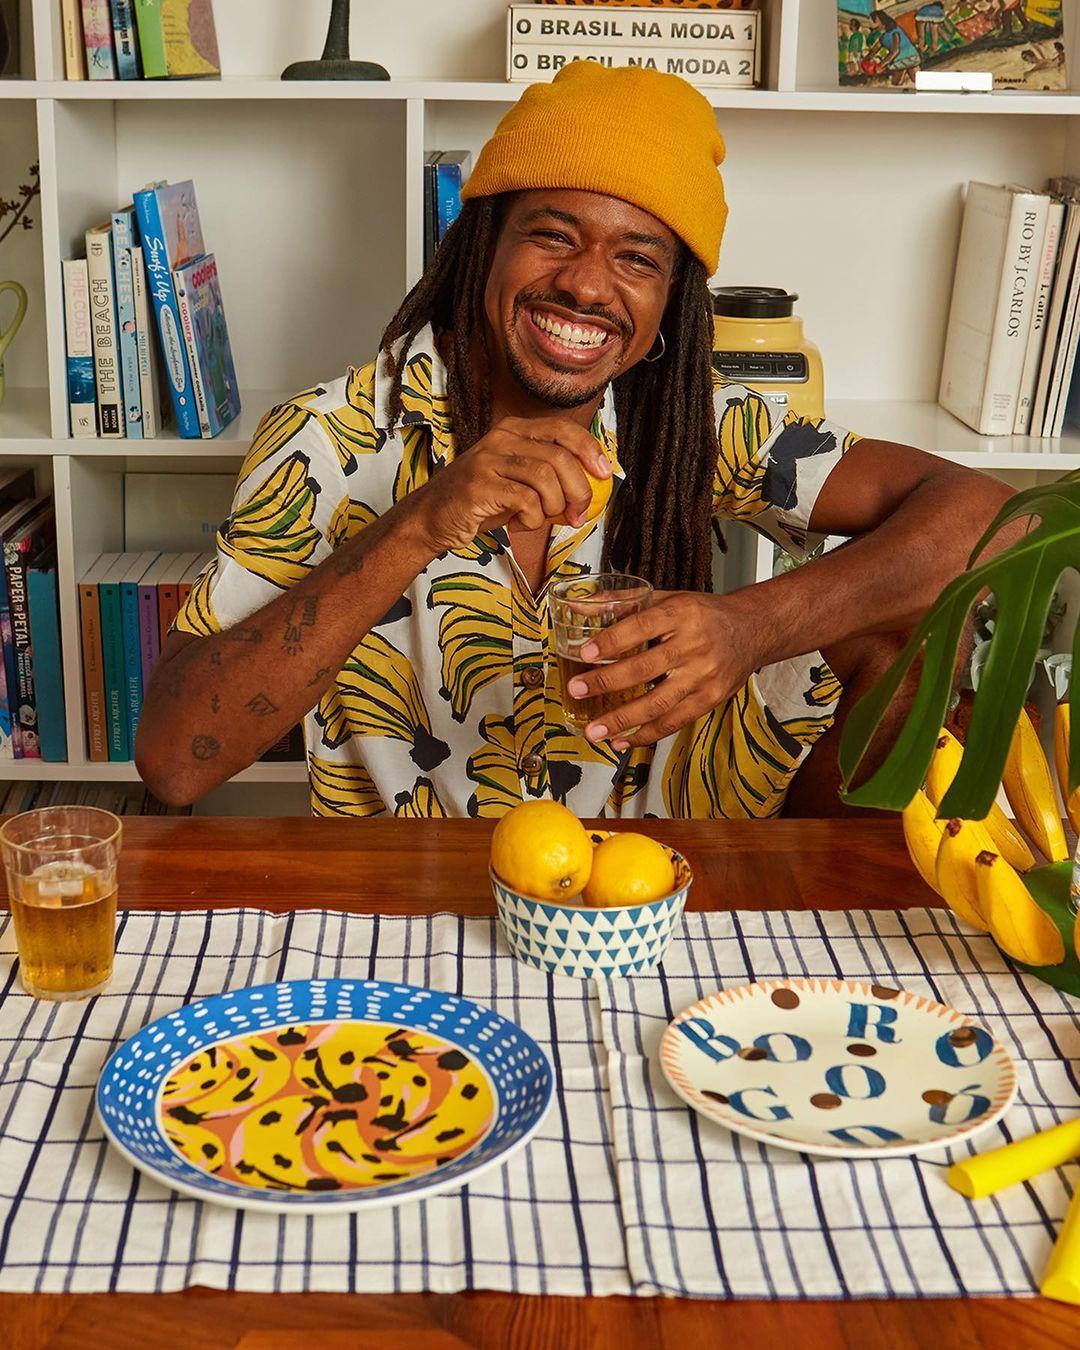 Farm lança primeira linha de louças e aposta em estampas coloridas para decoração